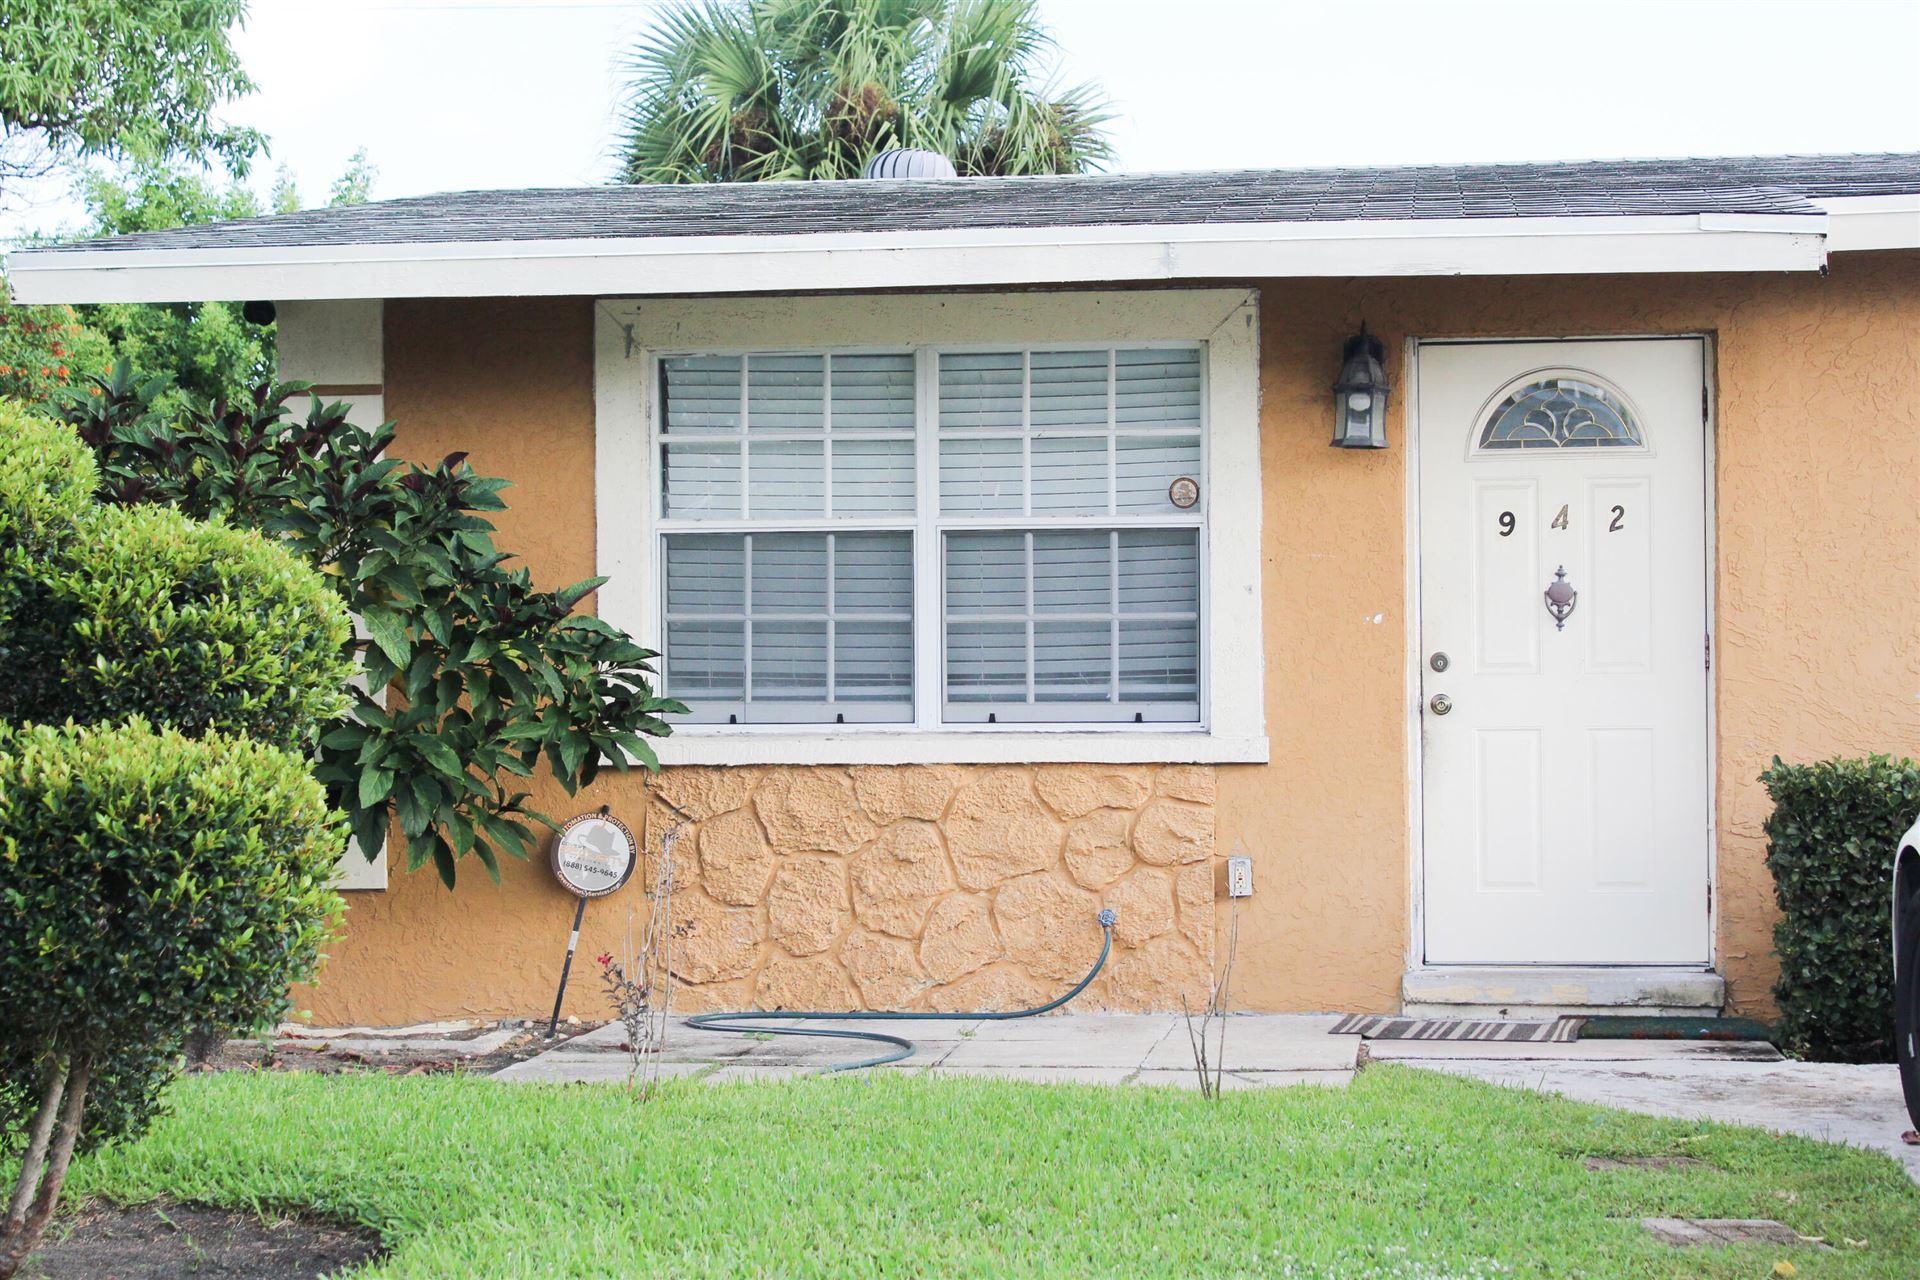 Photo of 942 W 2nd Street, Riviera Beach, FL 33404 (MLS # RX-10749569)